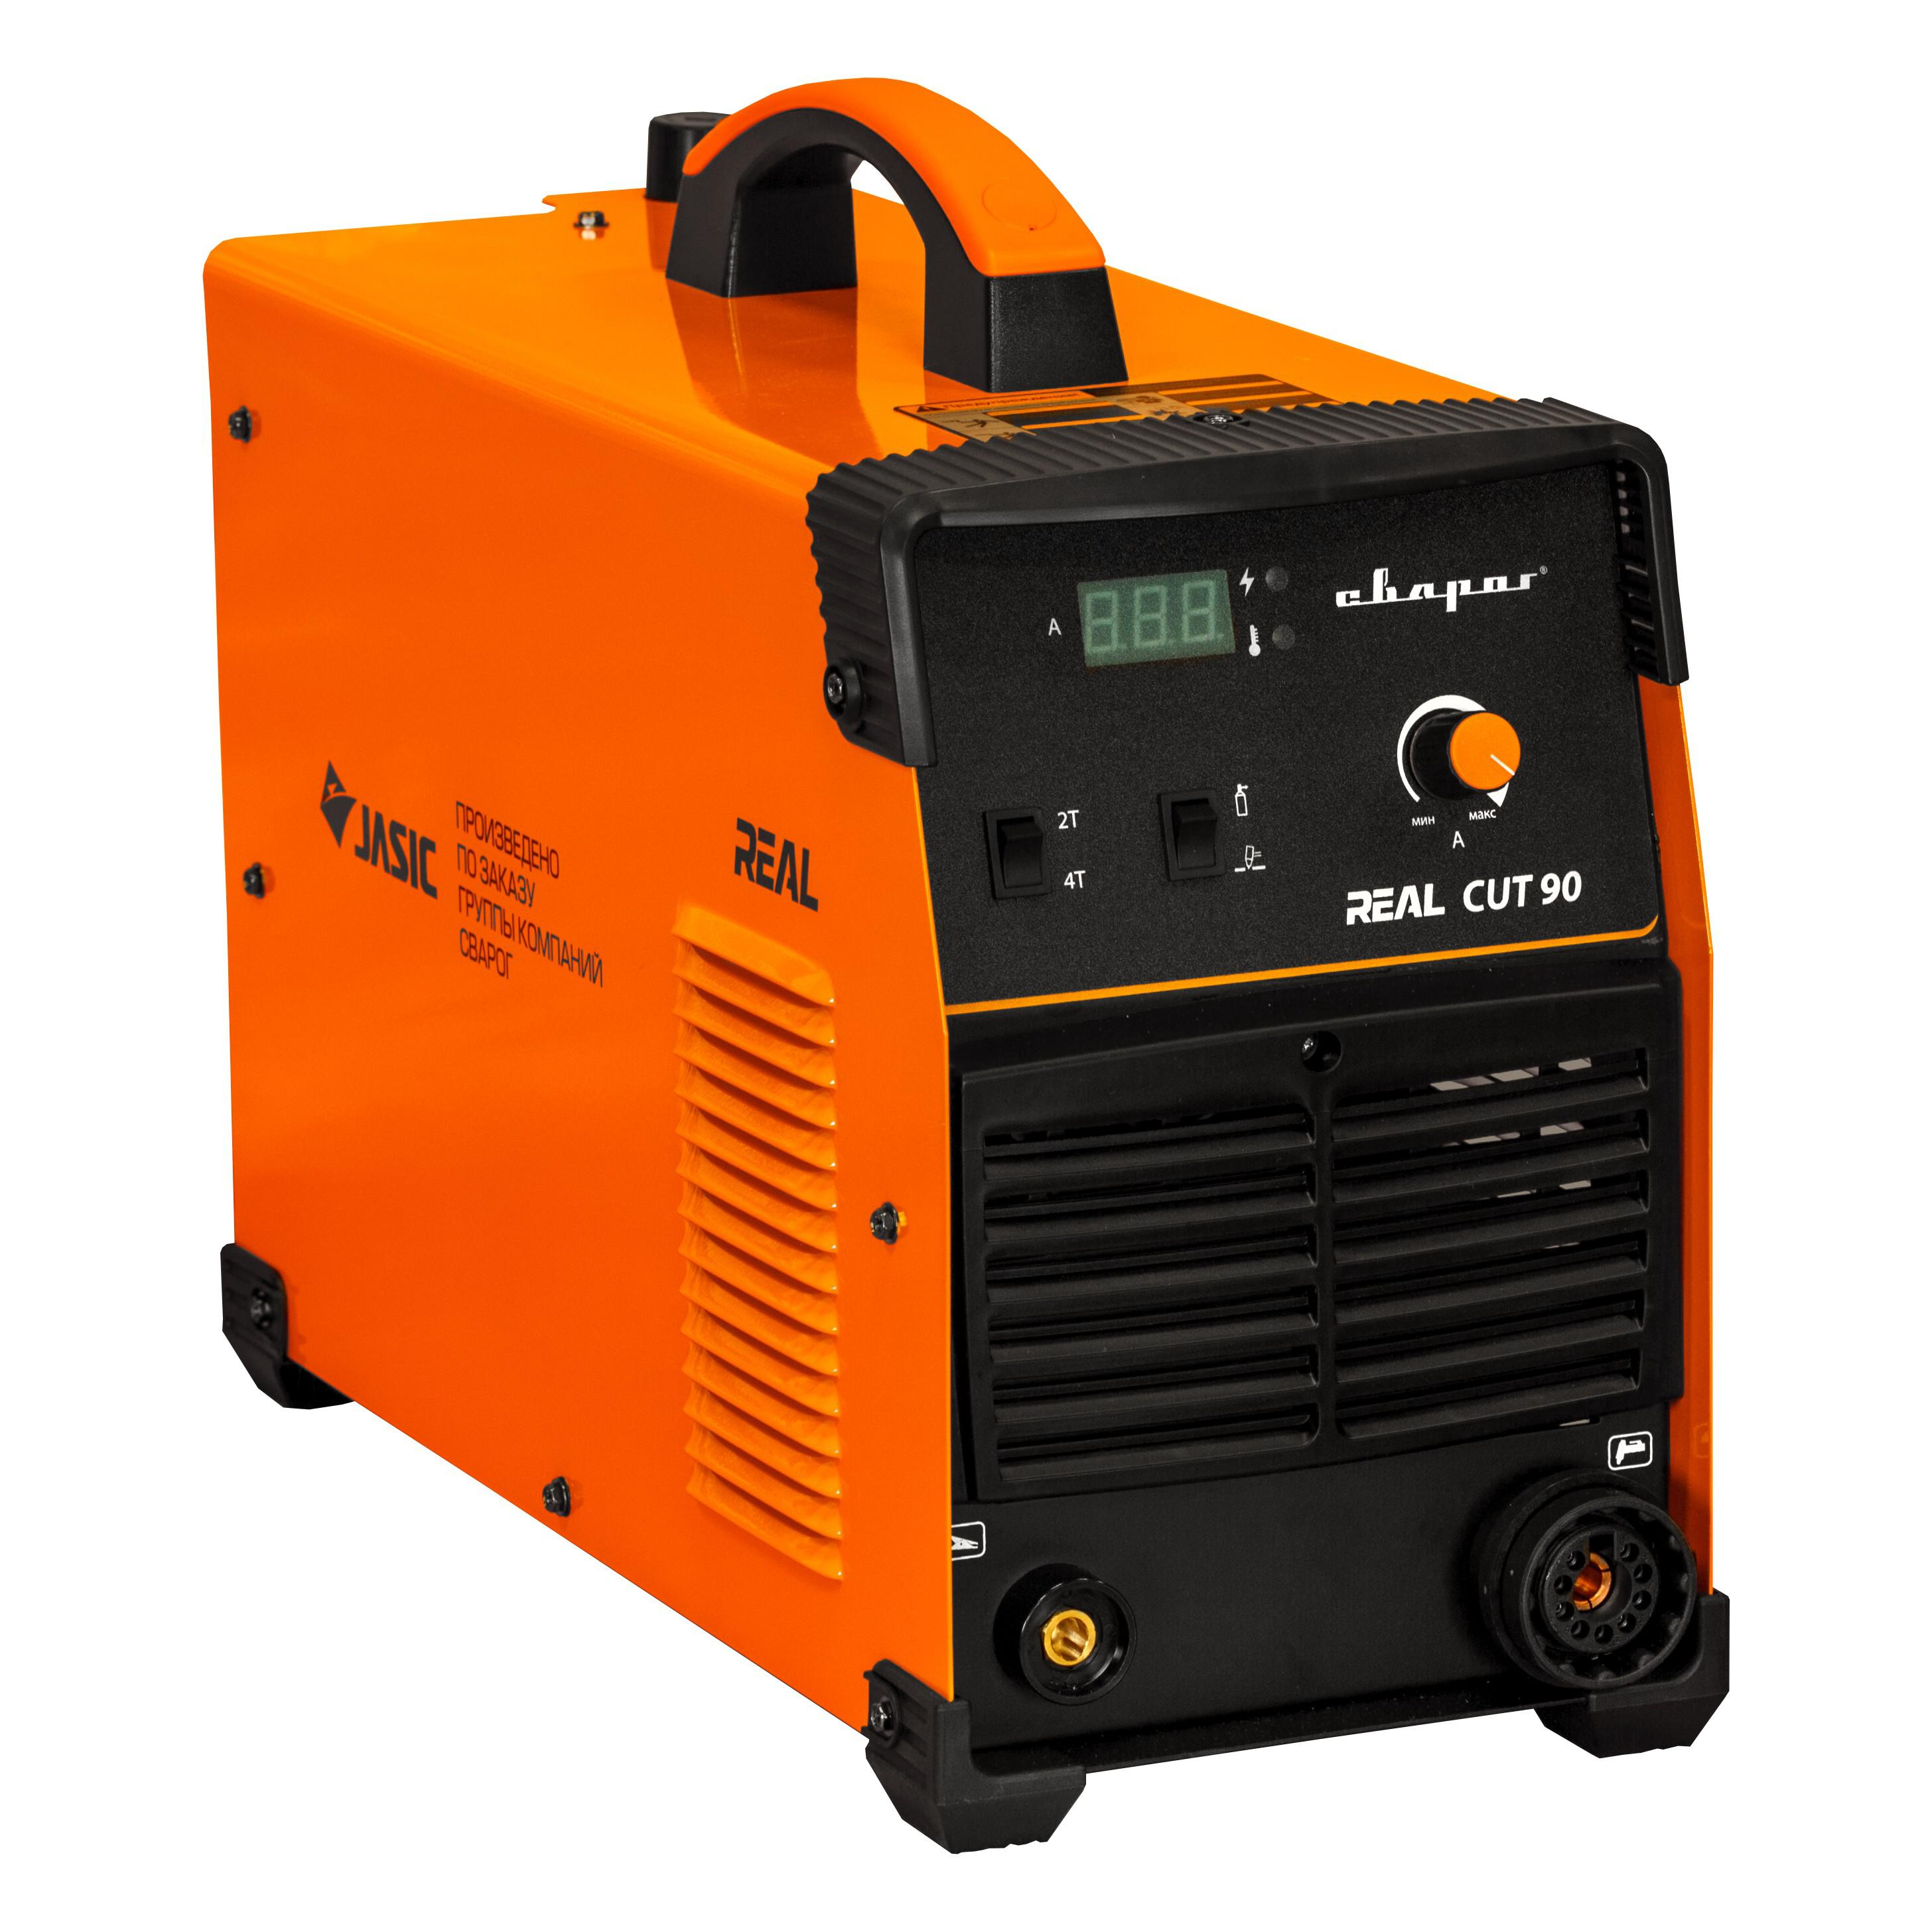 Аппарат Сварог серии REAL CUT 90 (L205) для плазменной резки